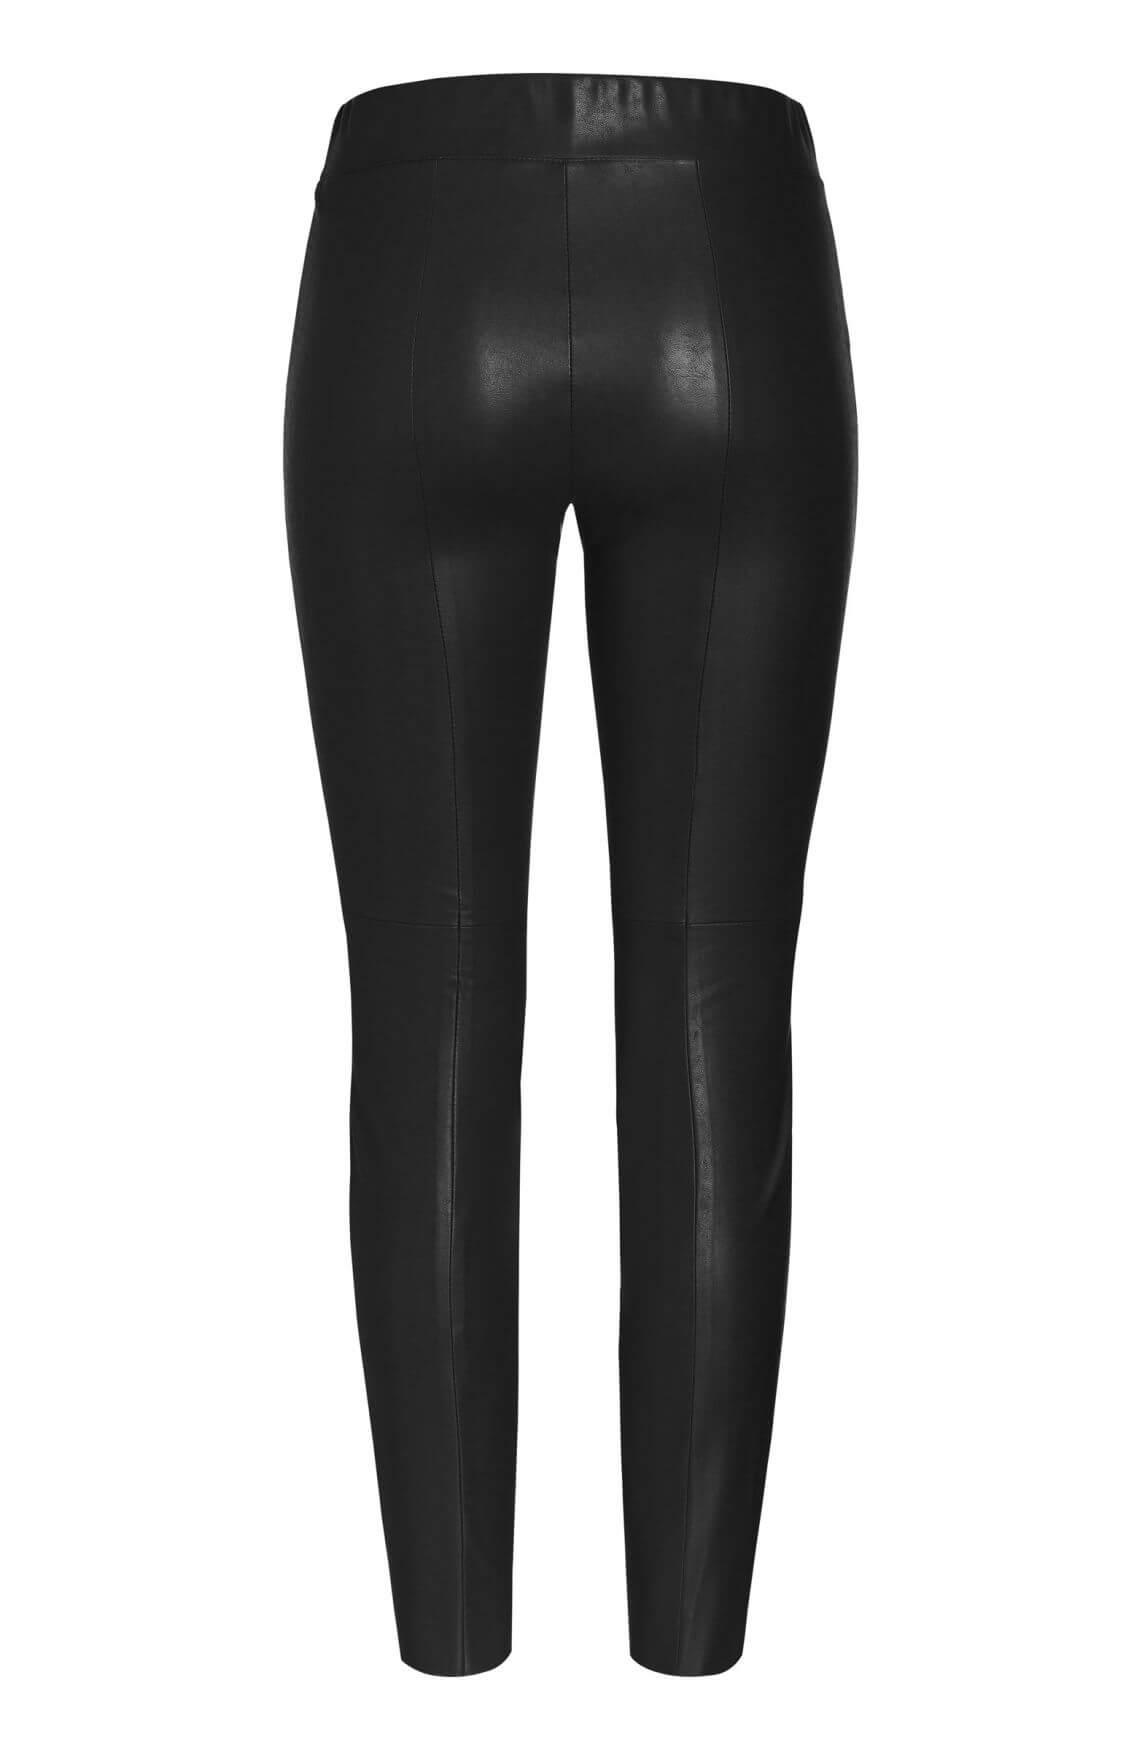 Cambio Dames Broek fake leather zwart